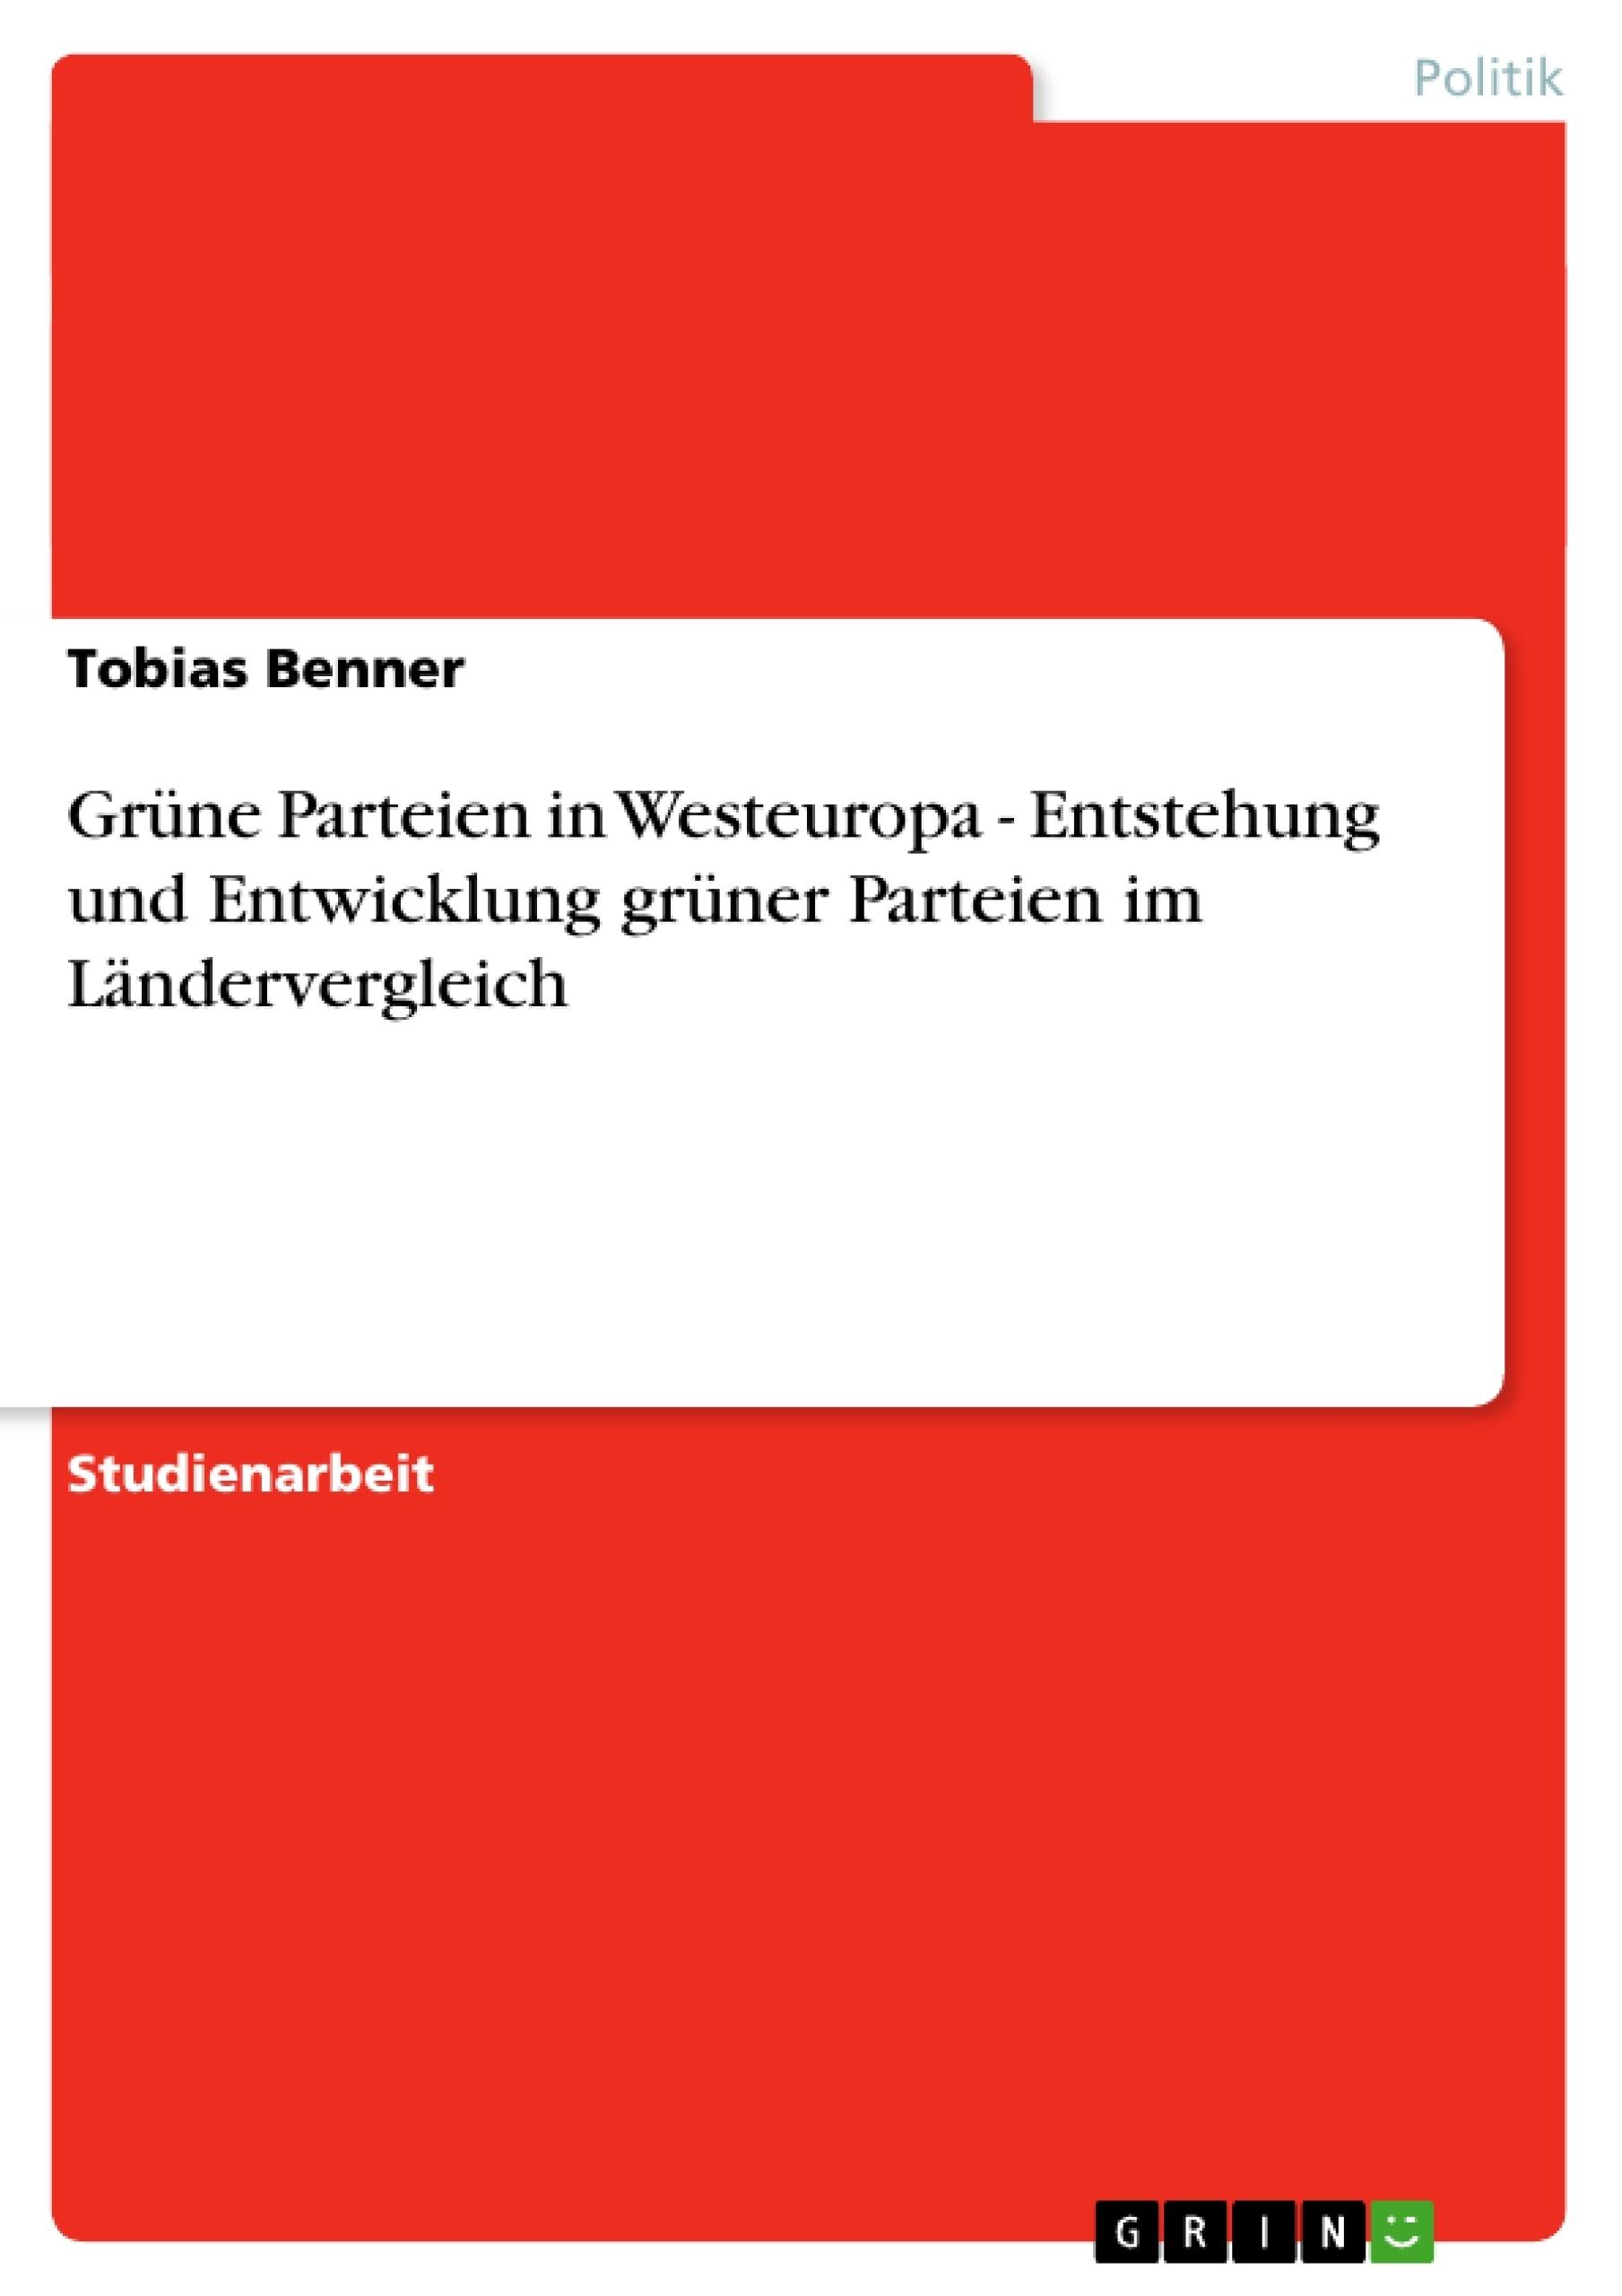 Titel: Grüne Parteien in Westeuropa - Entstehung und Entwicklung grüner Parteien im Ländervergleich